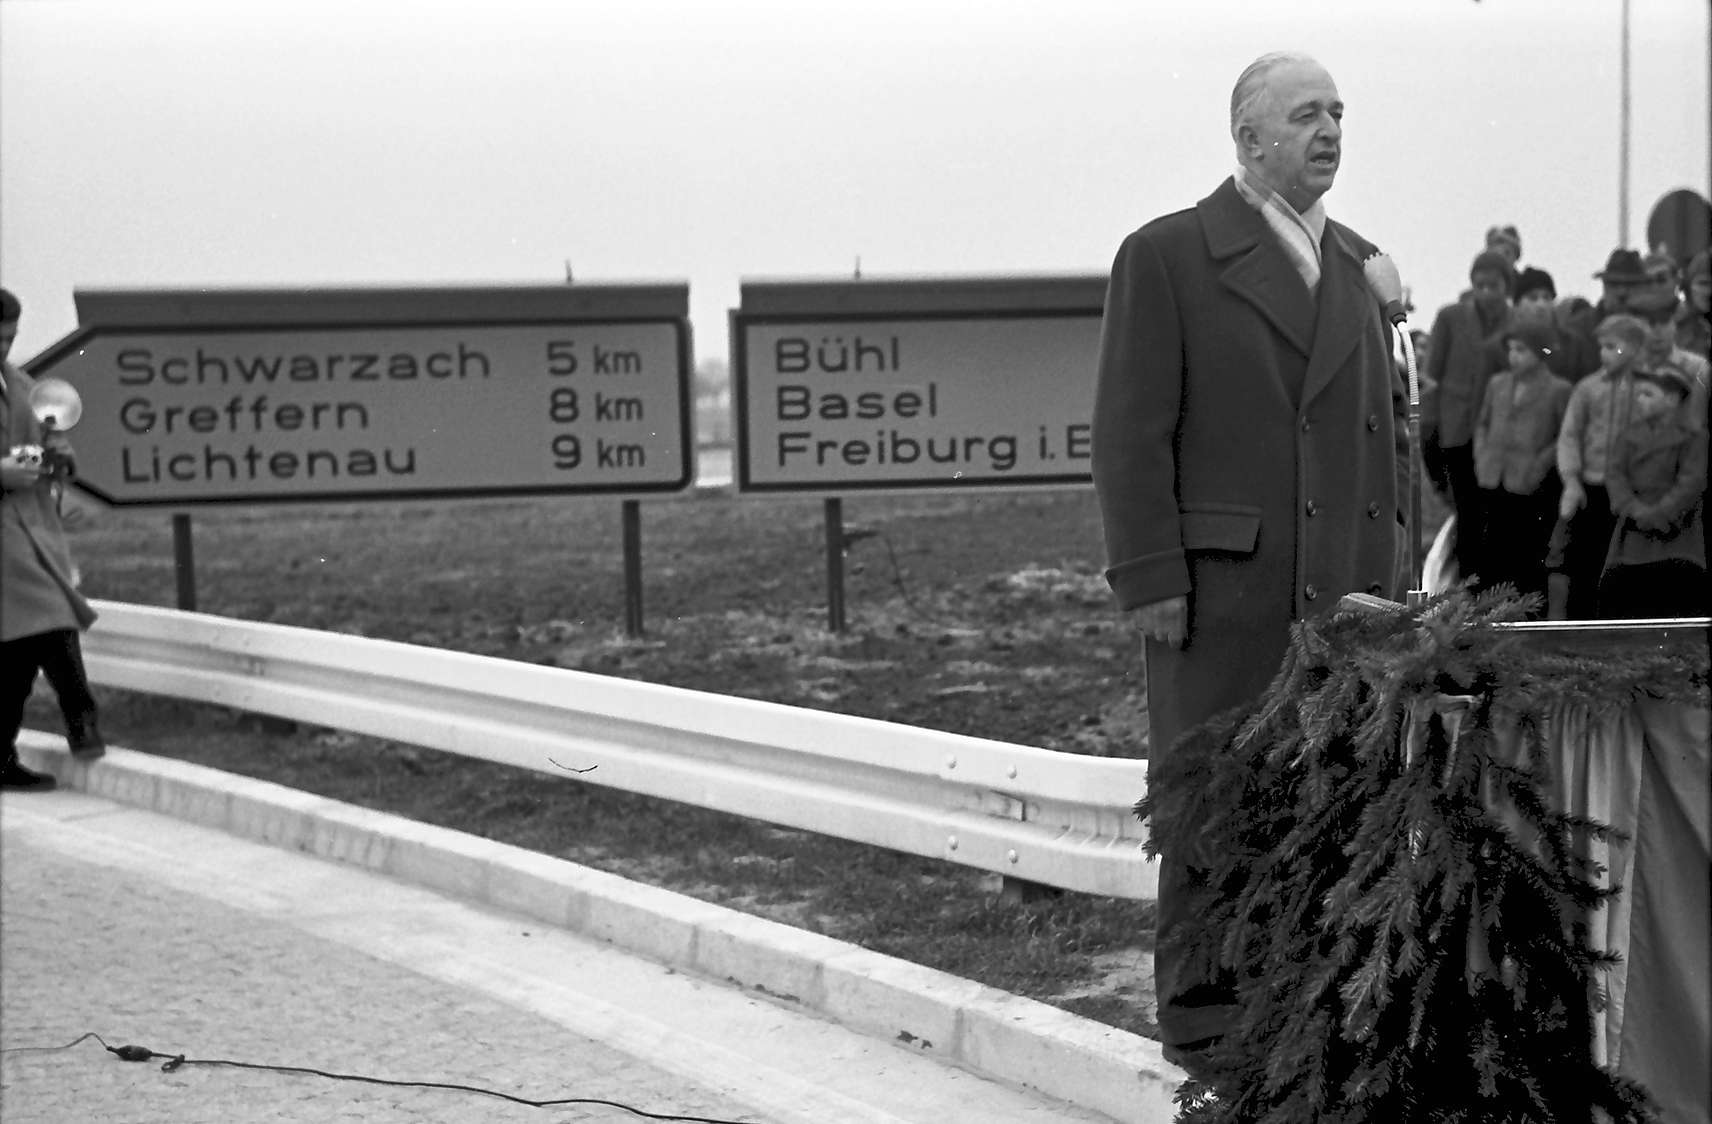 Bühl: Dr. Lämmlein spricht an der Ausfahrt, Bild 1